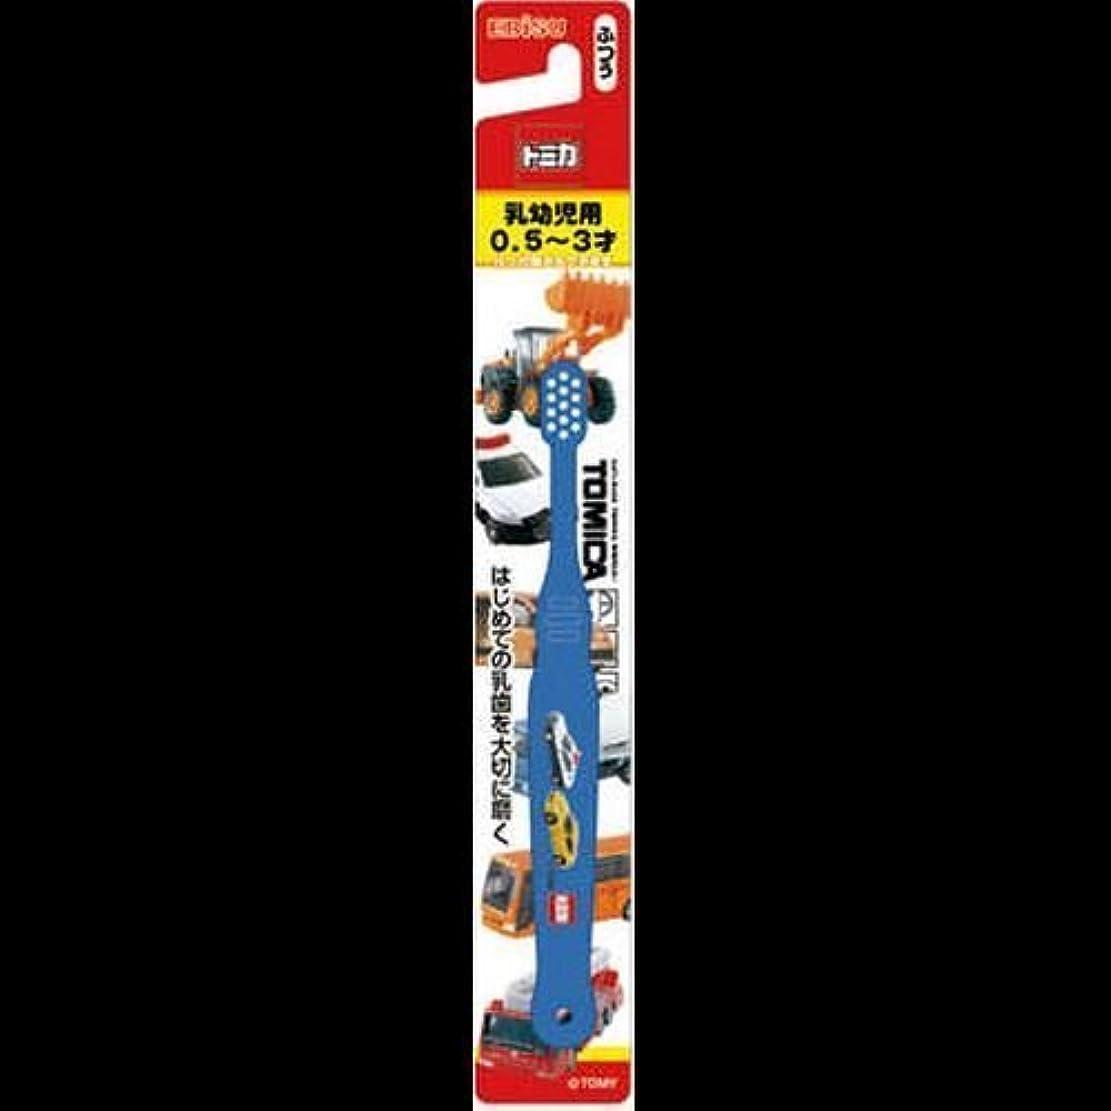 代表するカウンターパートパプアニューギニア【まとめ買い】トミカ ハブラシ 0.5ー3才 ×2セット